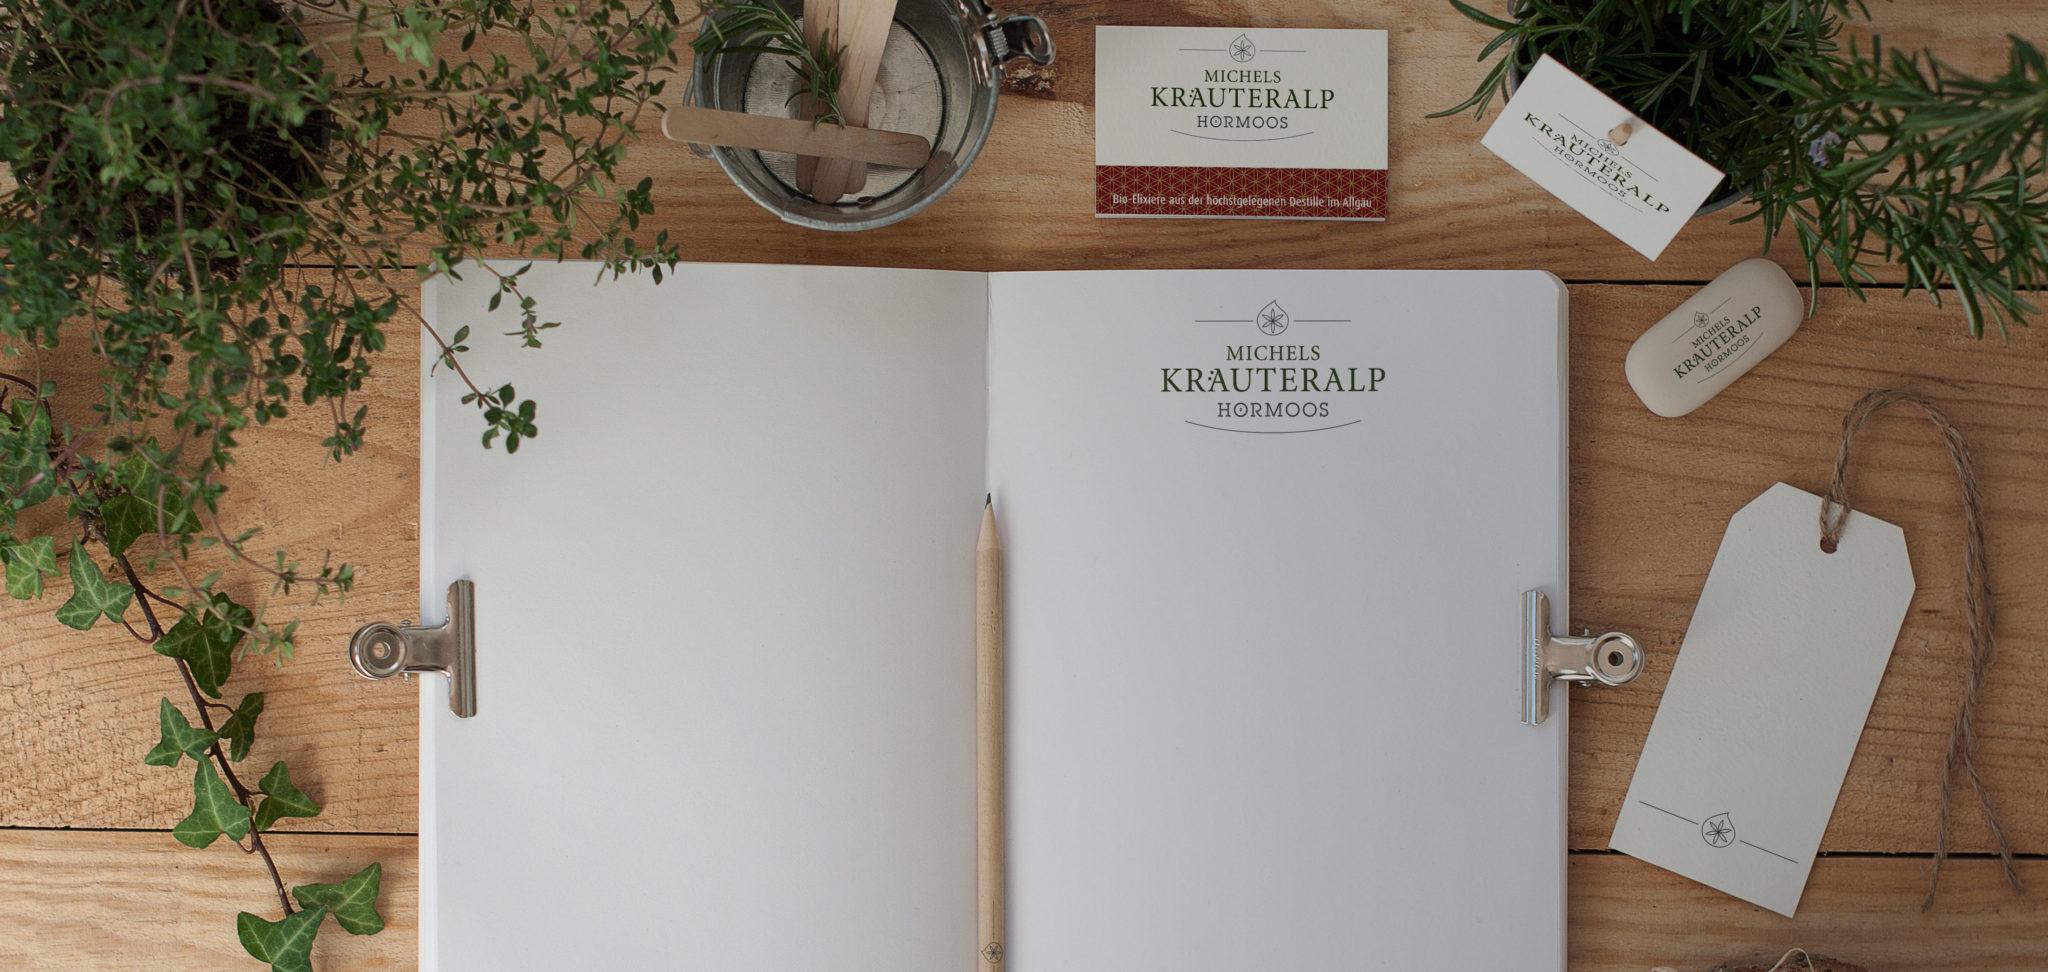 KräuterAlp